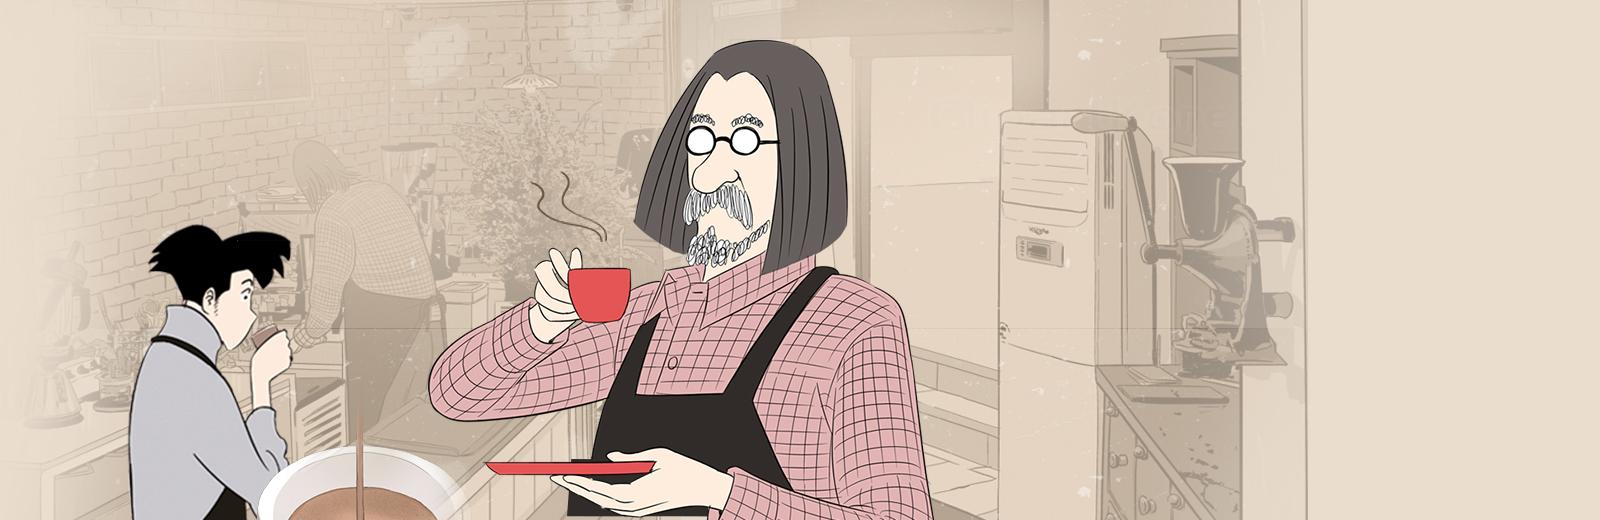 커피 한잔 할까요?